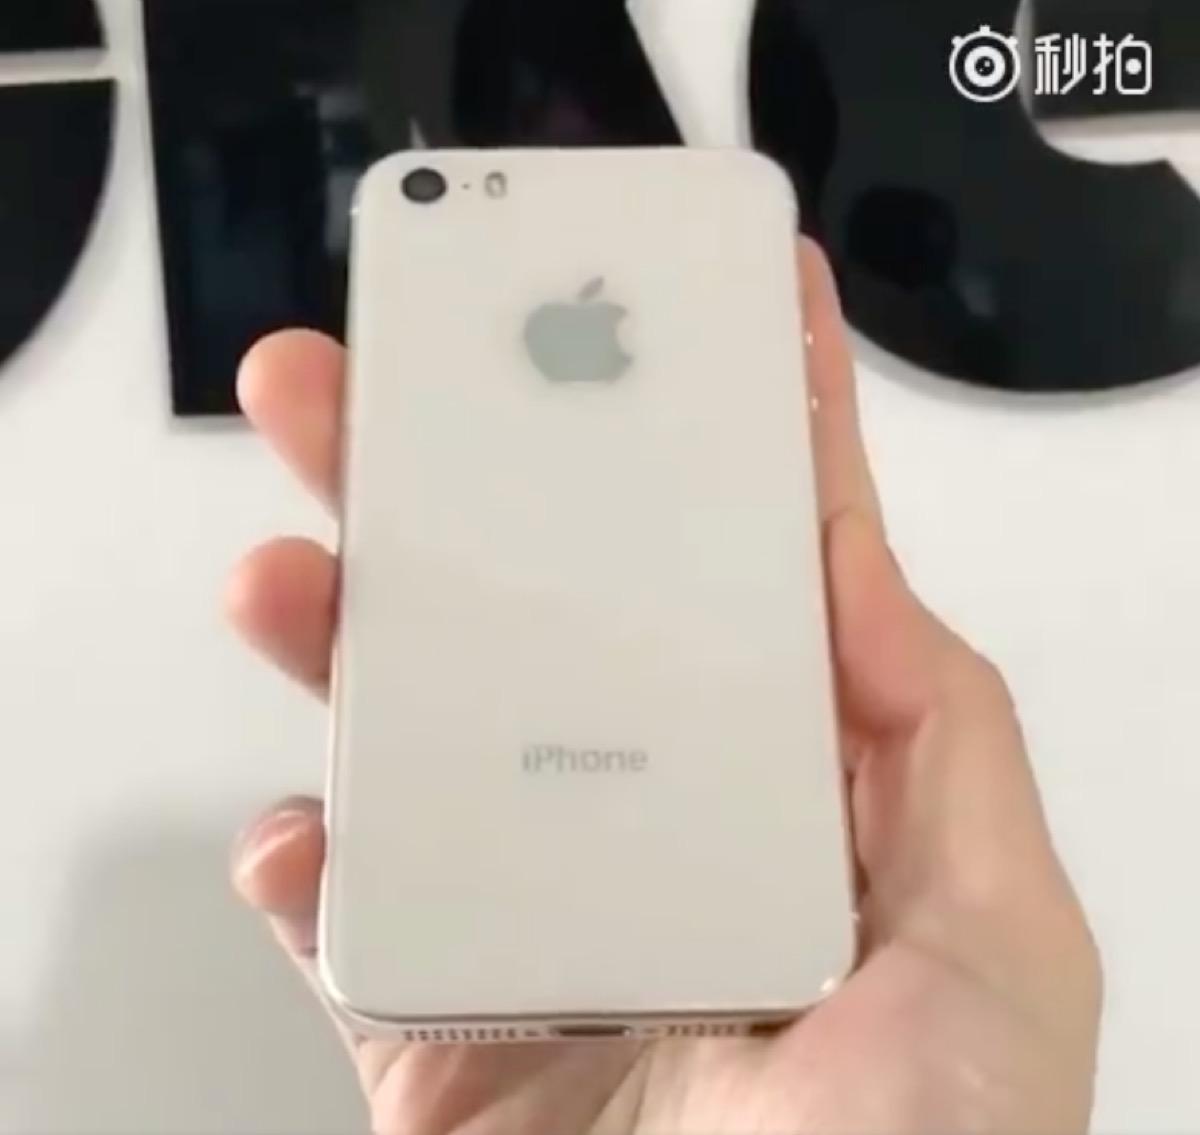 nuove immagini di iPhone SE 2, versione bianca con retro in vetro